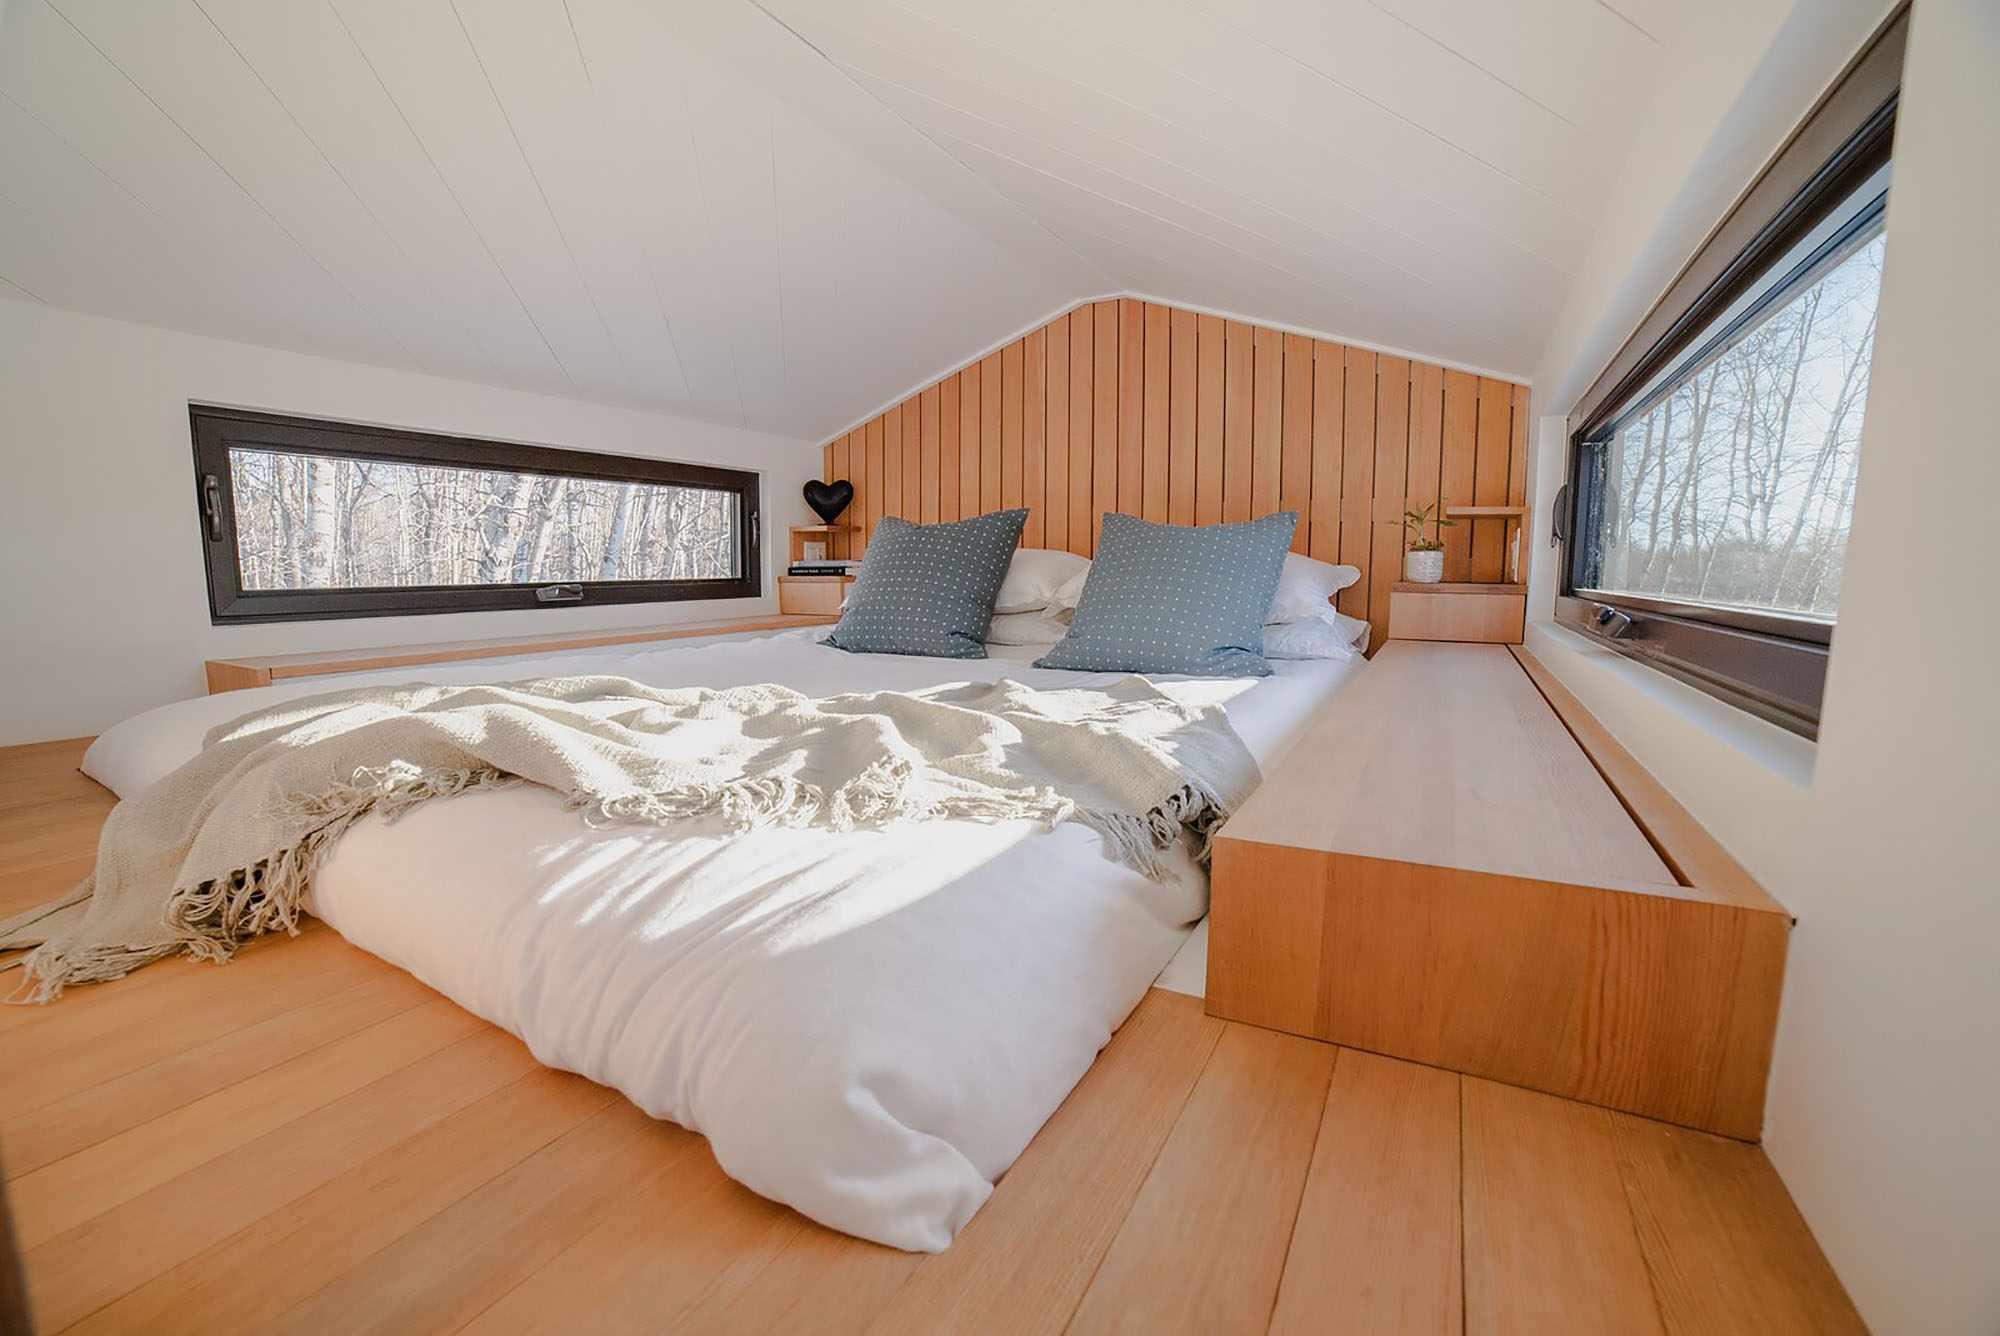 Fritz Tiny Homes sleeping loft